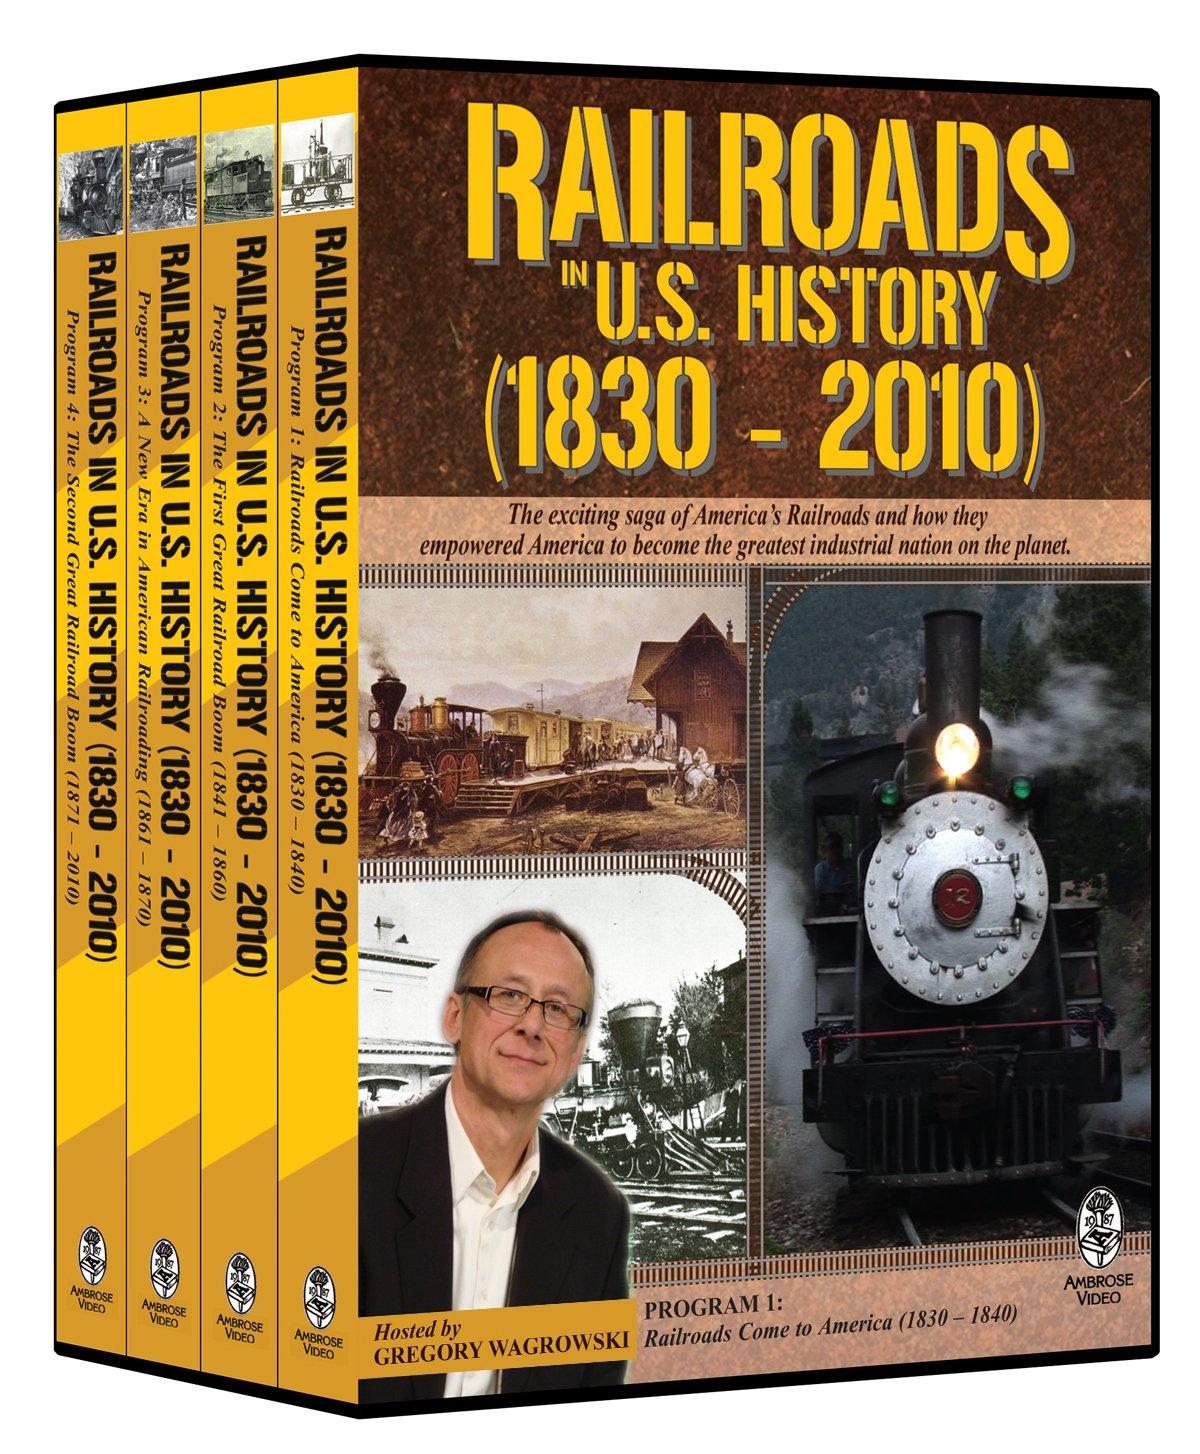 Railroads in U.S. History (1830-2010)